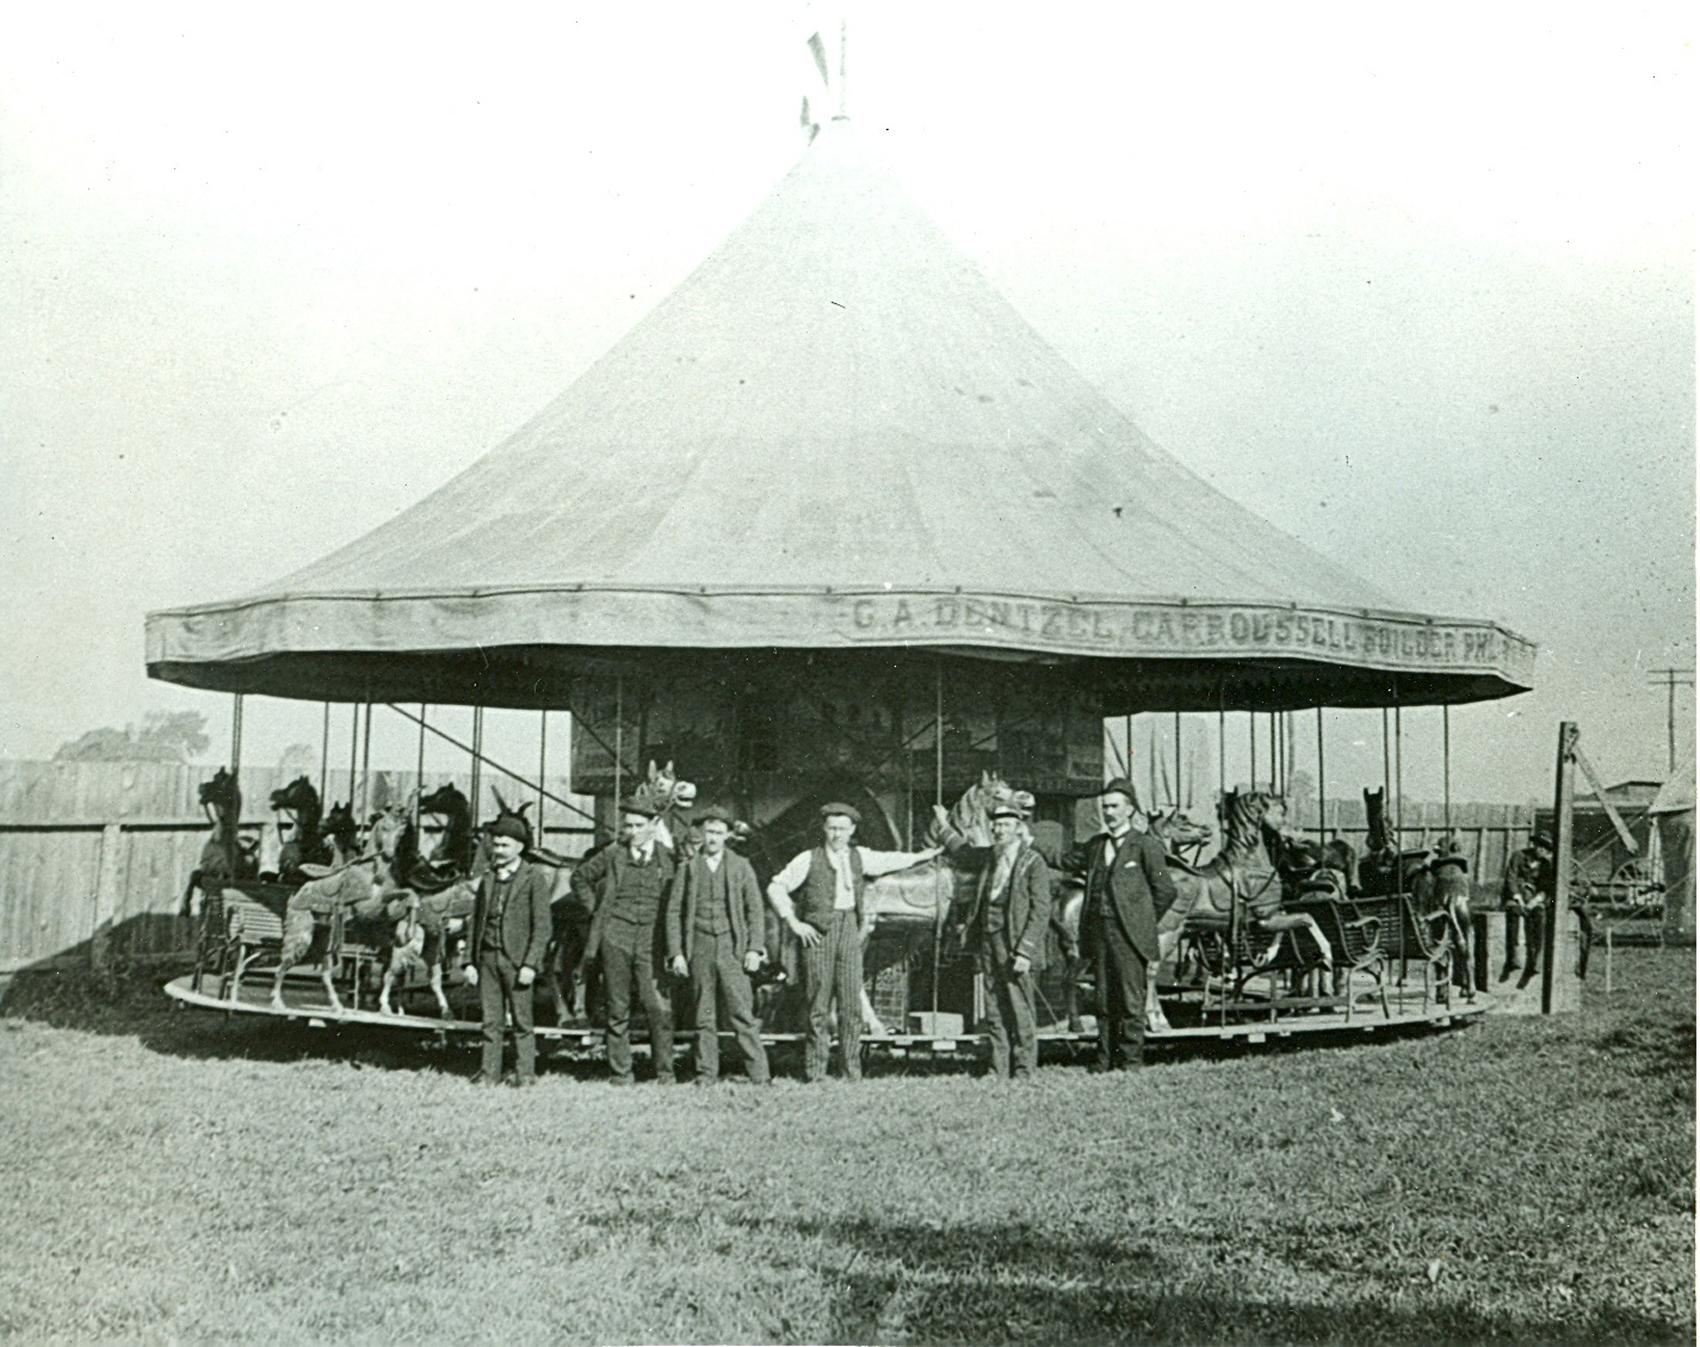 ca-1890-Woodling-Park-Dentzel-carousel